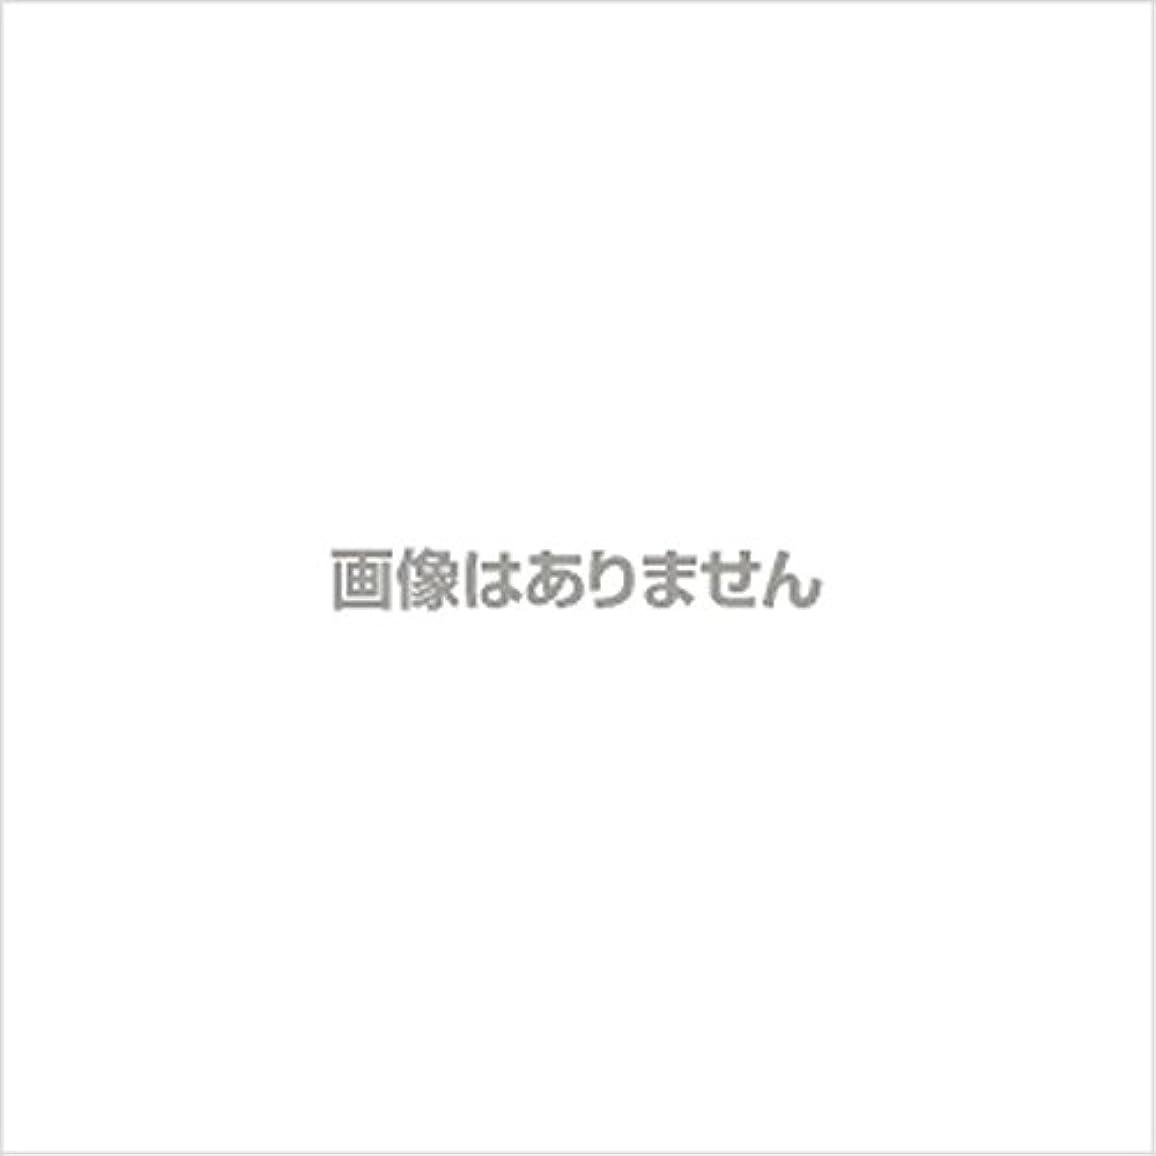 オーバーラン南貧困新発売】EBUKEA エブケアNO1004 プラスチックグローブ(パウダーフリー?粉なし)Mサイズ 100枚入(極薄?半透明)